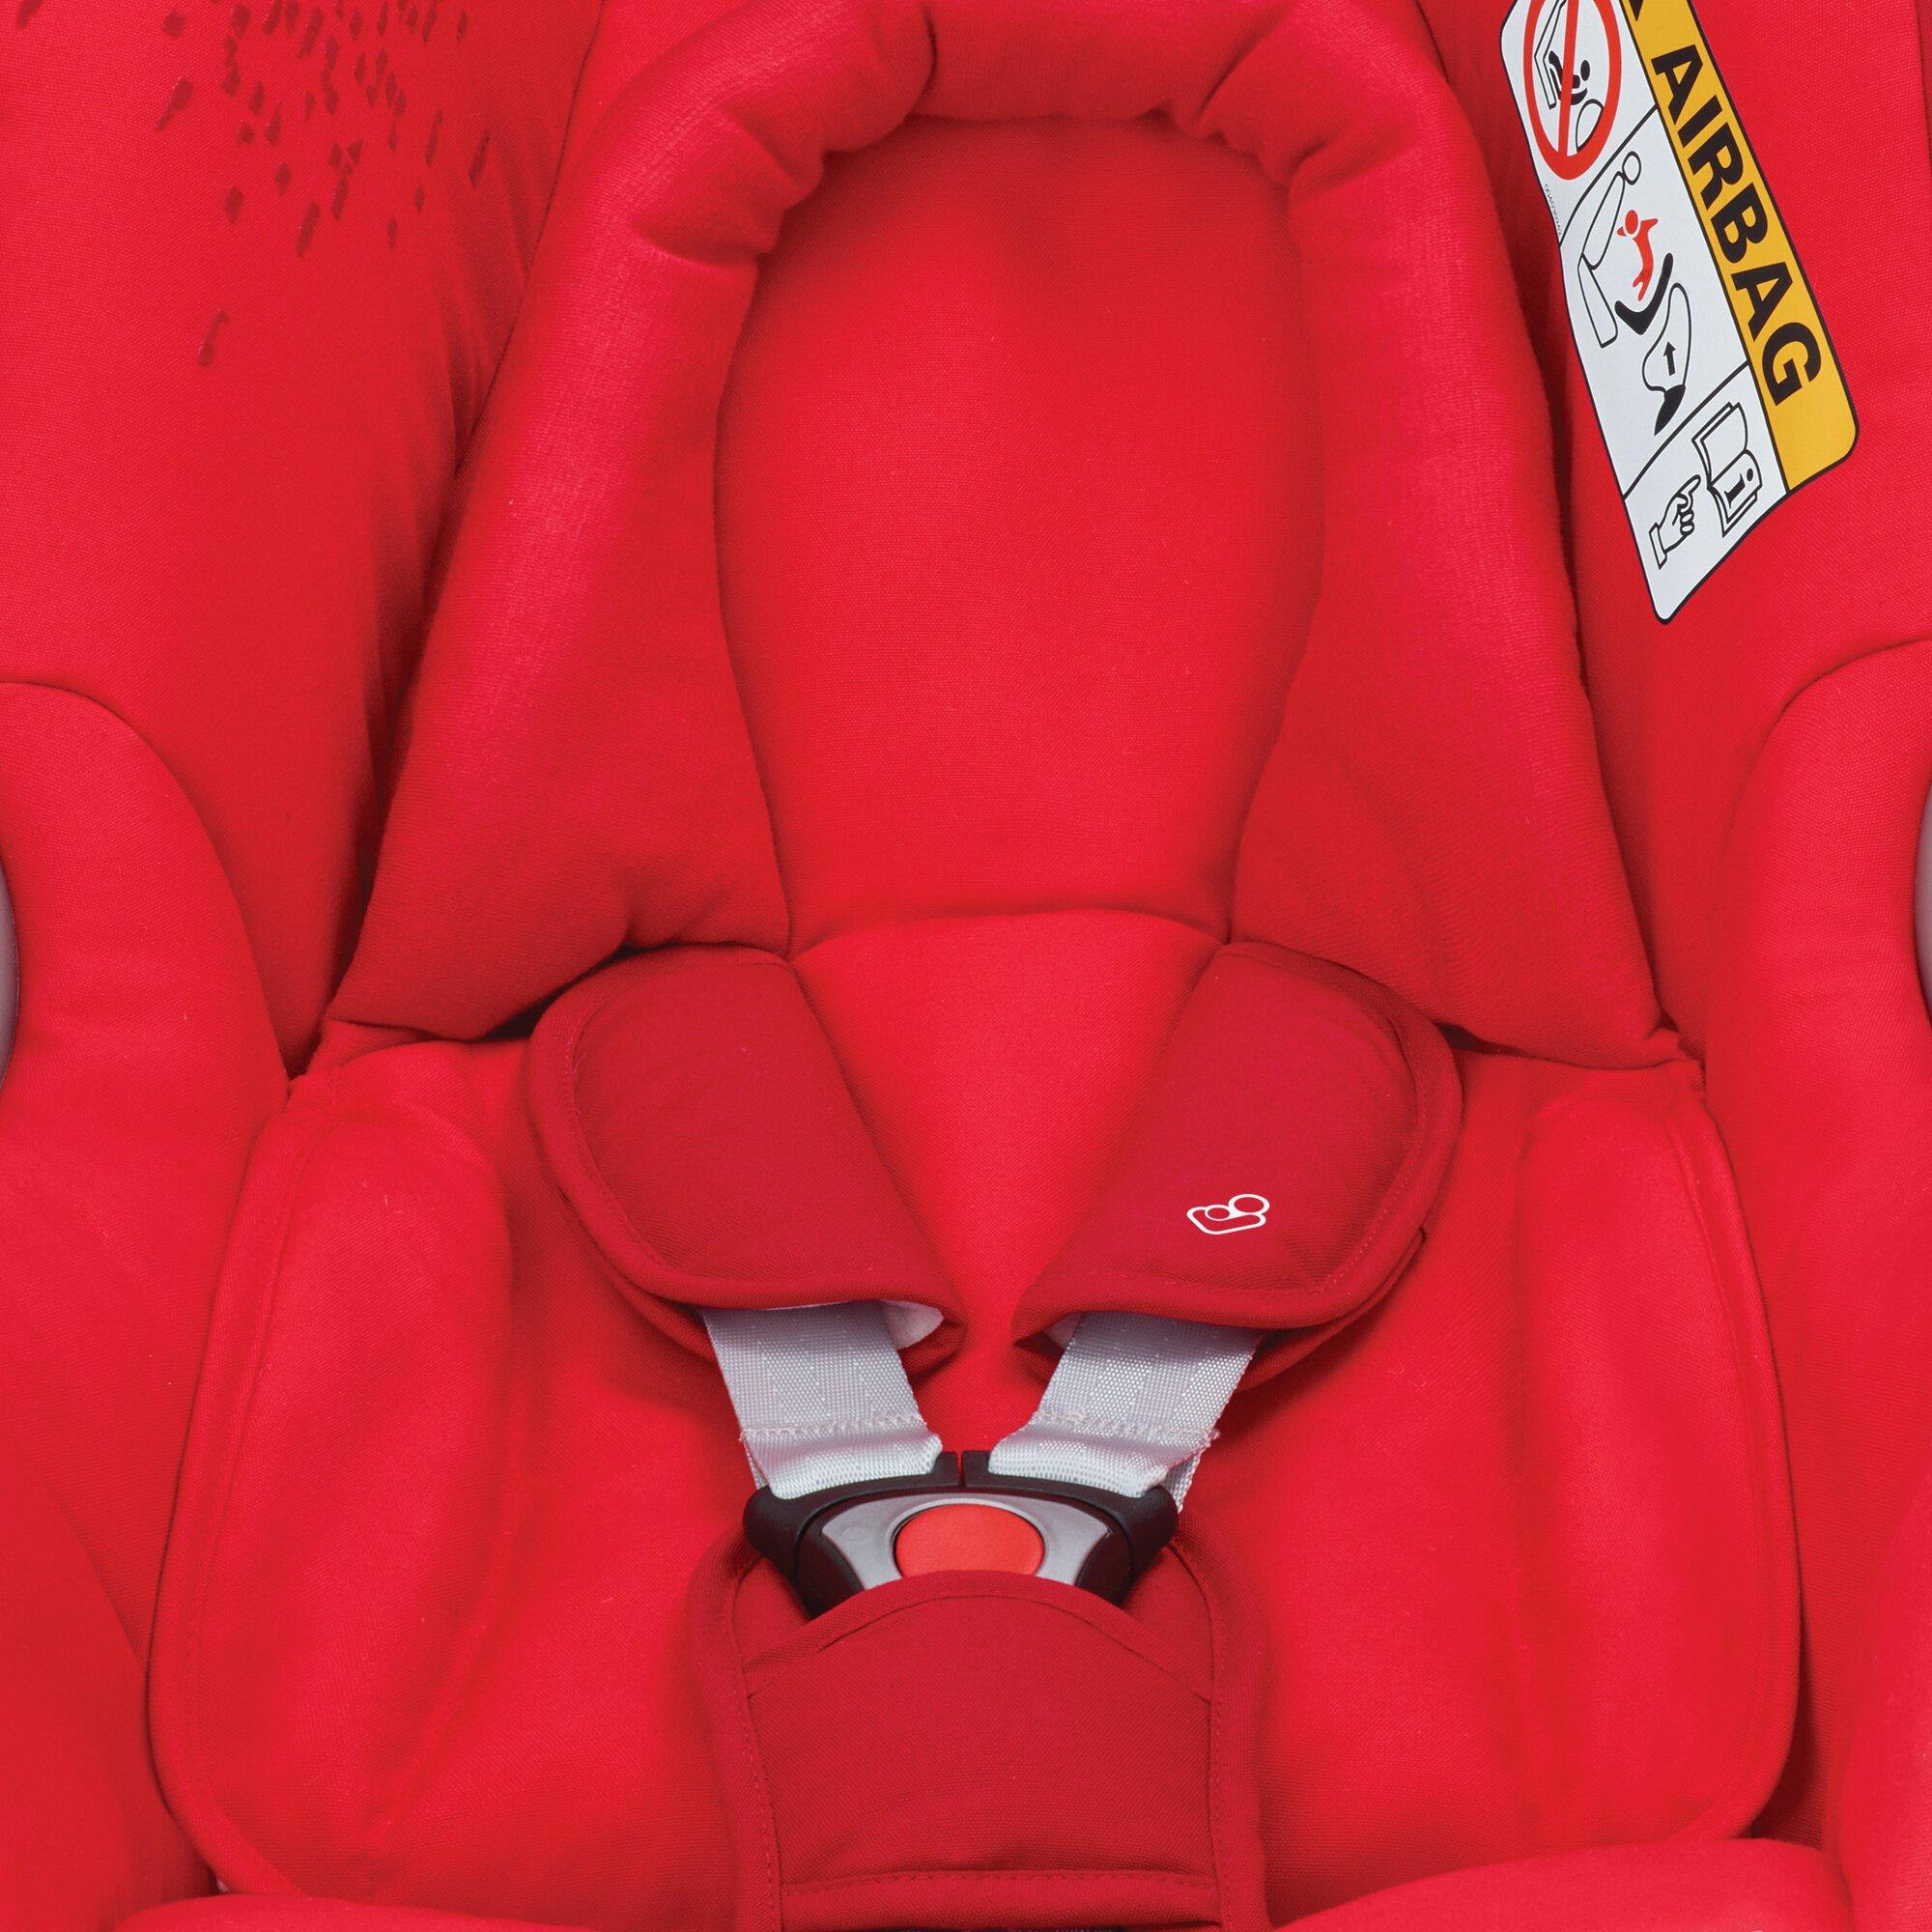 cabriofix-babyschale-design-2018-schwarz